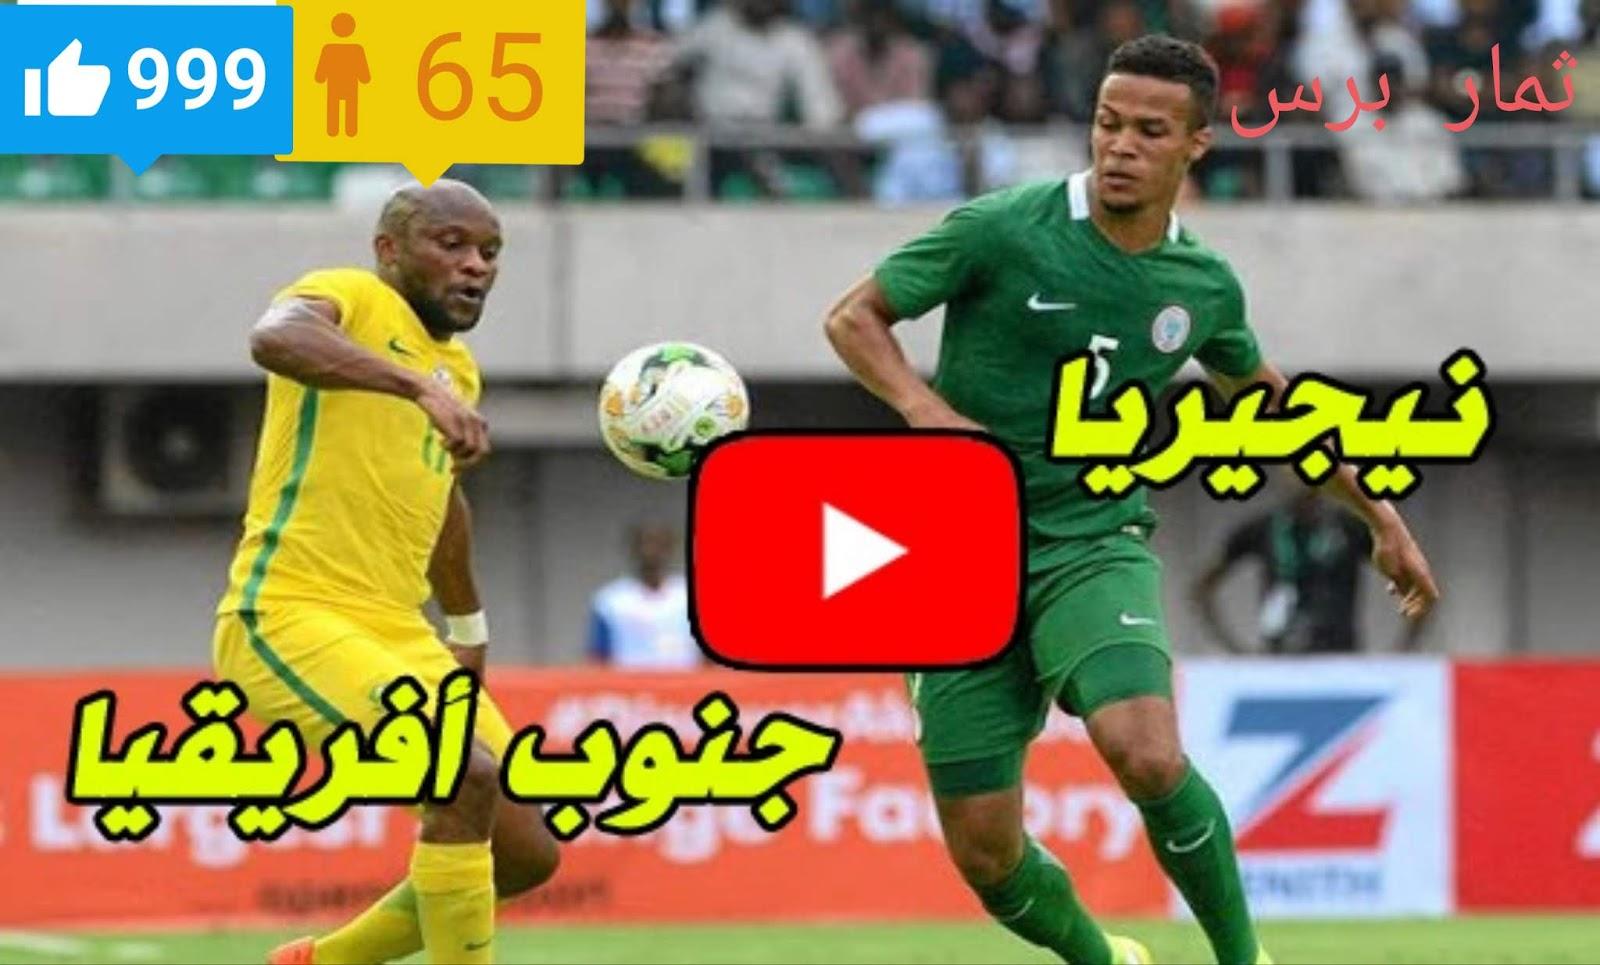 مشاهدة مباراة نيجيريا وجنوب إفريقيا بث مباشر اليوم الأربعاء 10/07/2019 ربع نهائي كأس الأمم الأفريقية